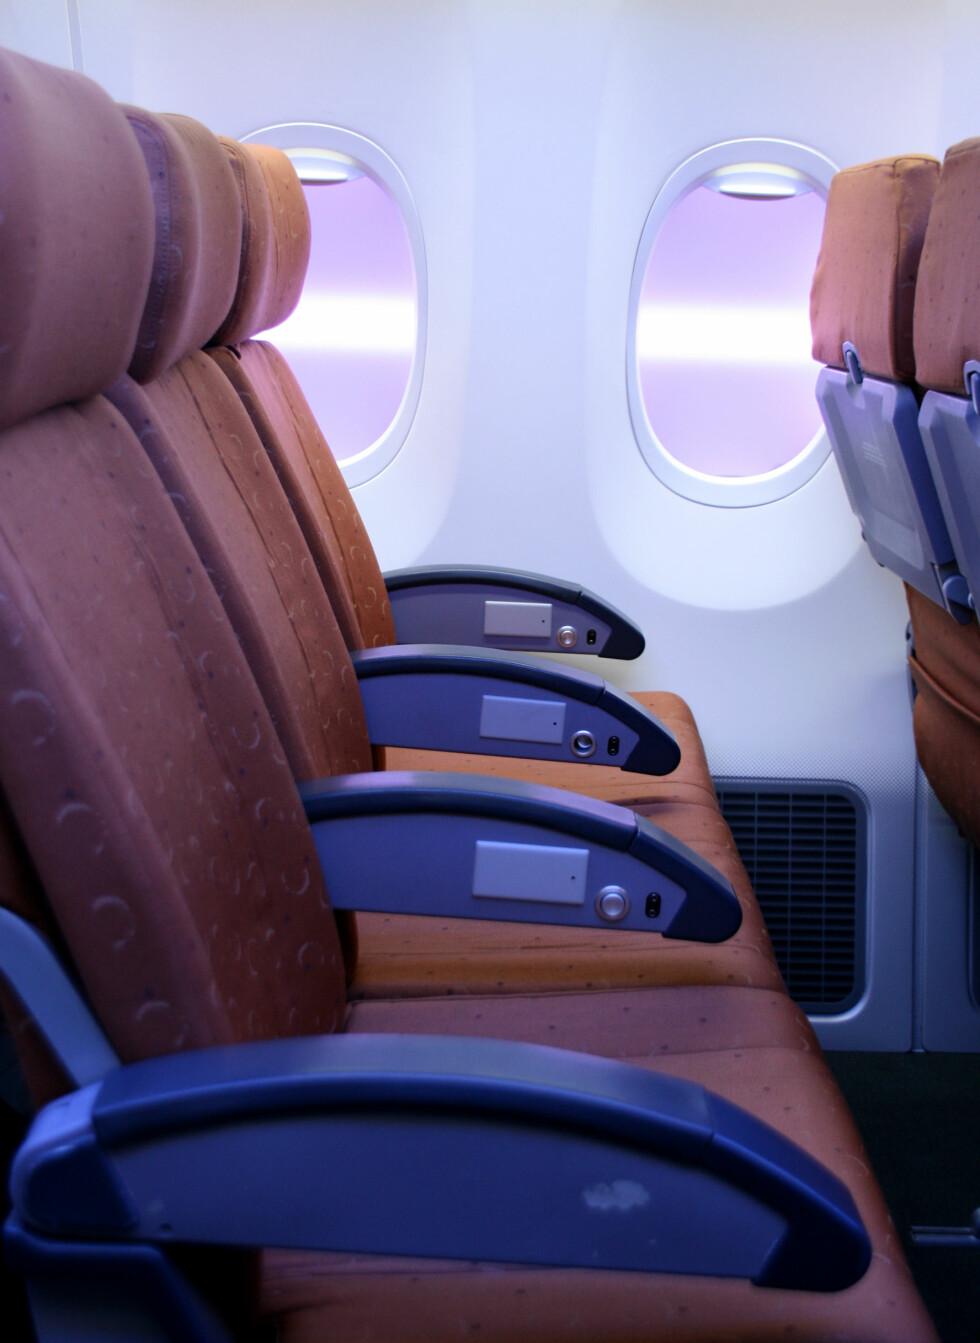 Standard økonomiklasse. Legg merke til vinduene, som er designet for å virke større enn vanlige flyvinduer.